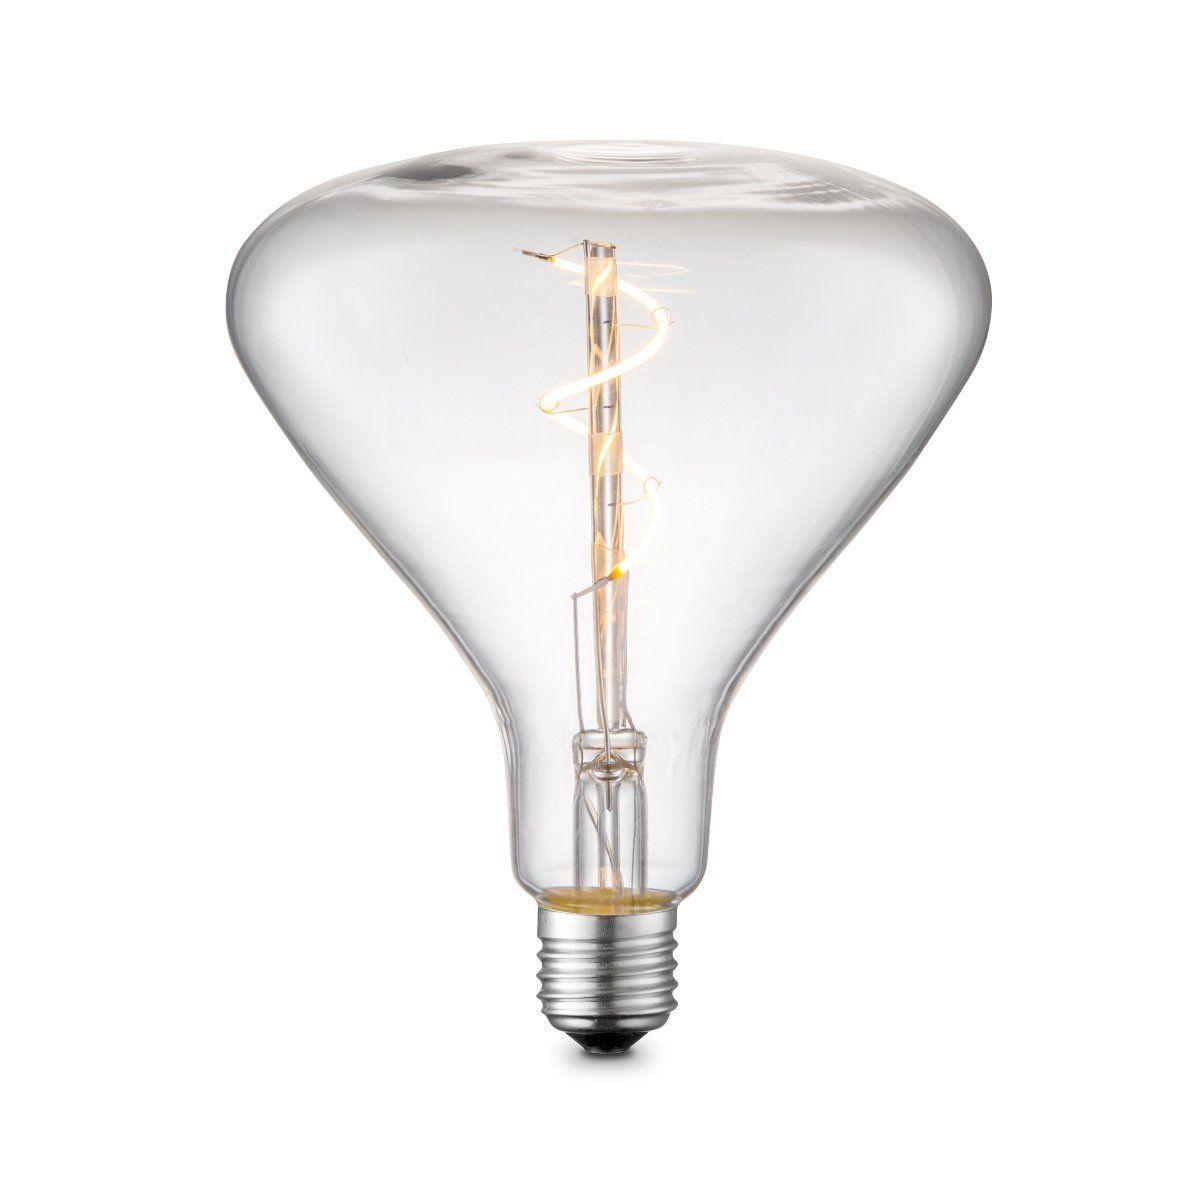 Home sweet home LED lamp Flex E27 3W 160Lm 2200K dimbaar - helder